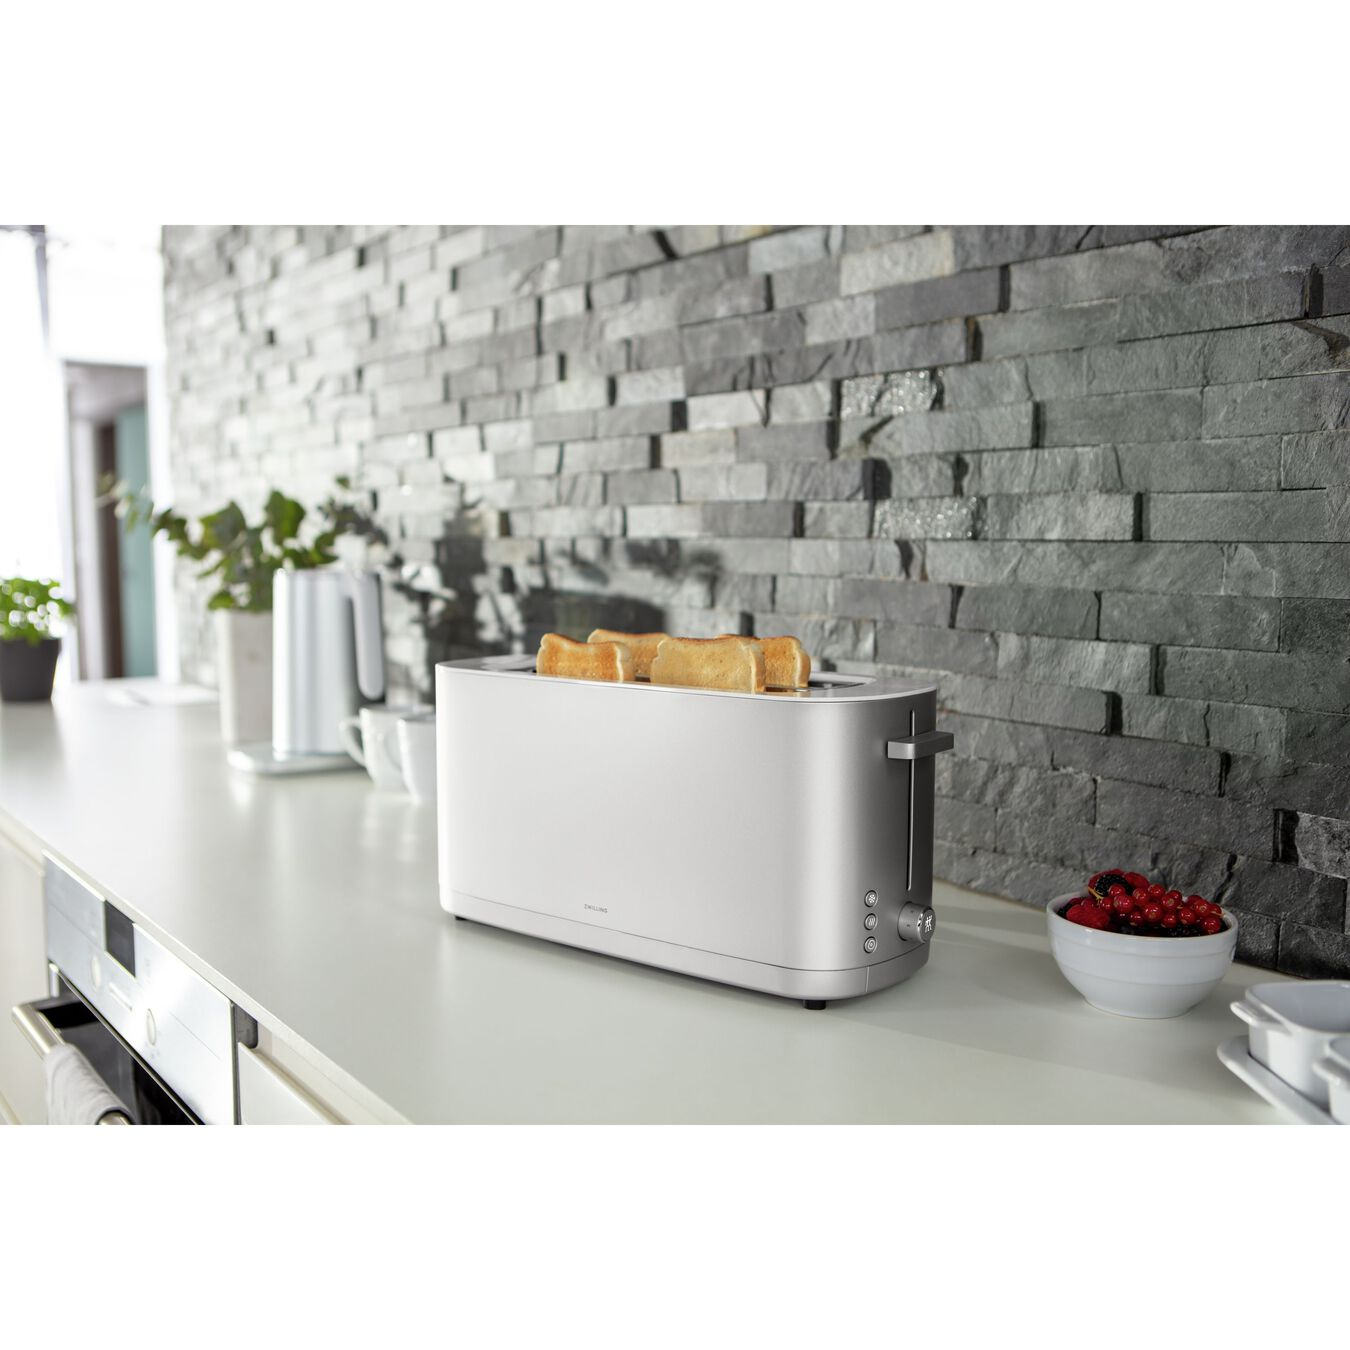 Toaster mit Brötchenaufsatz, 2 Schlitze lang, Silber,,large 2